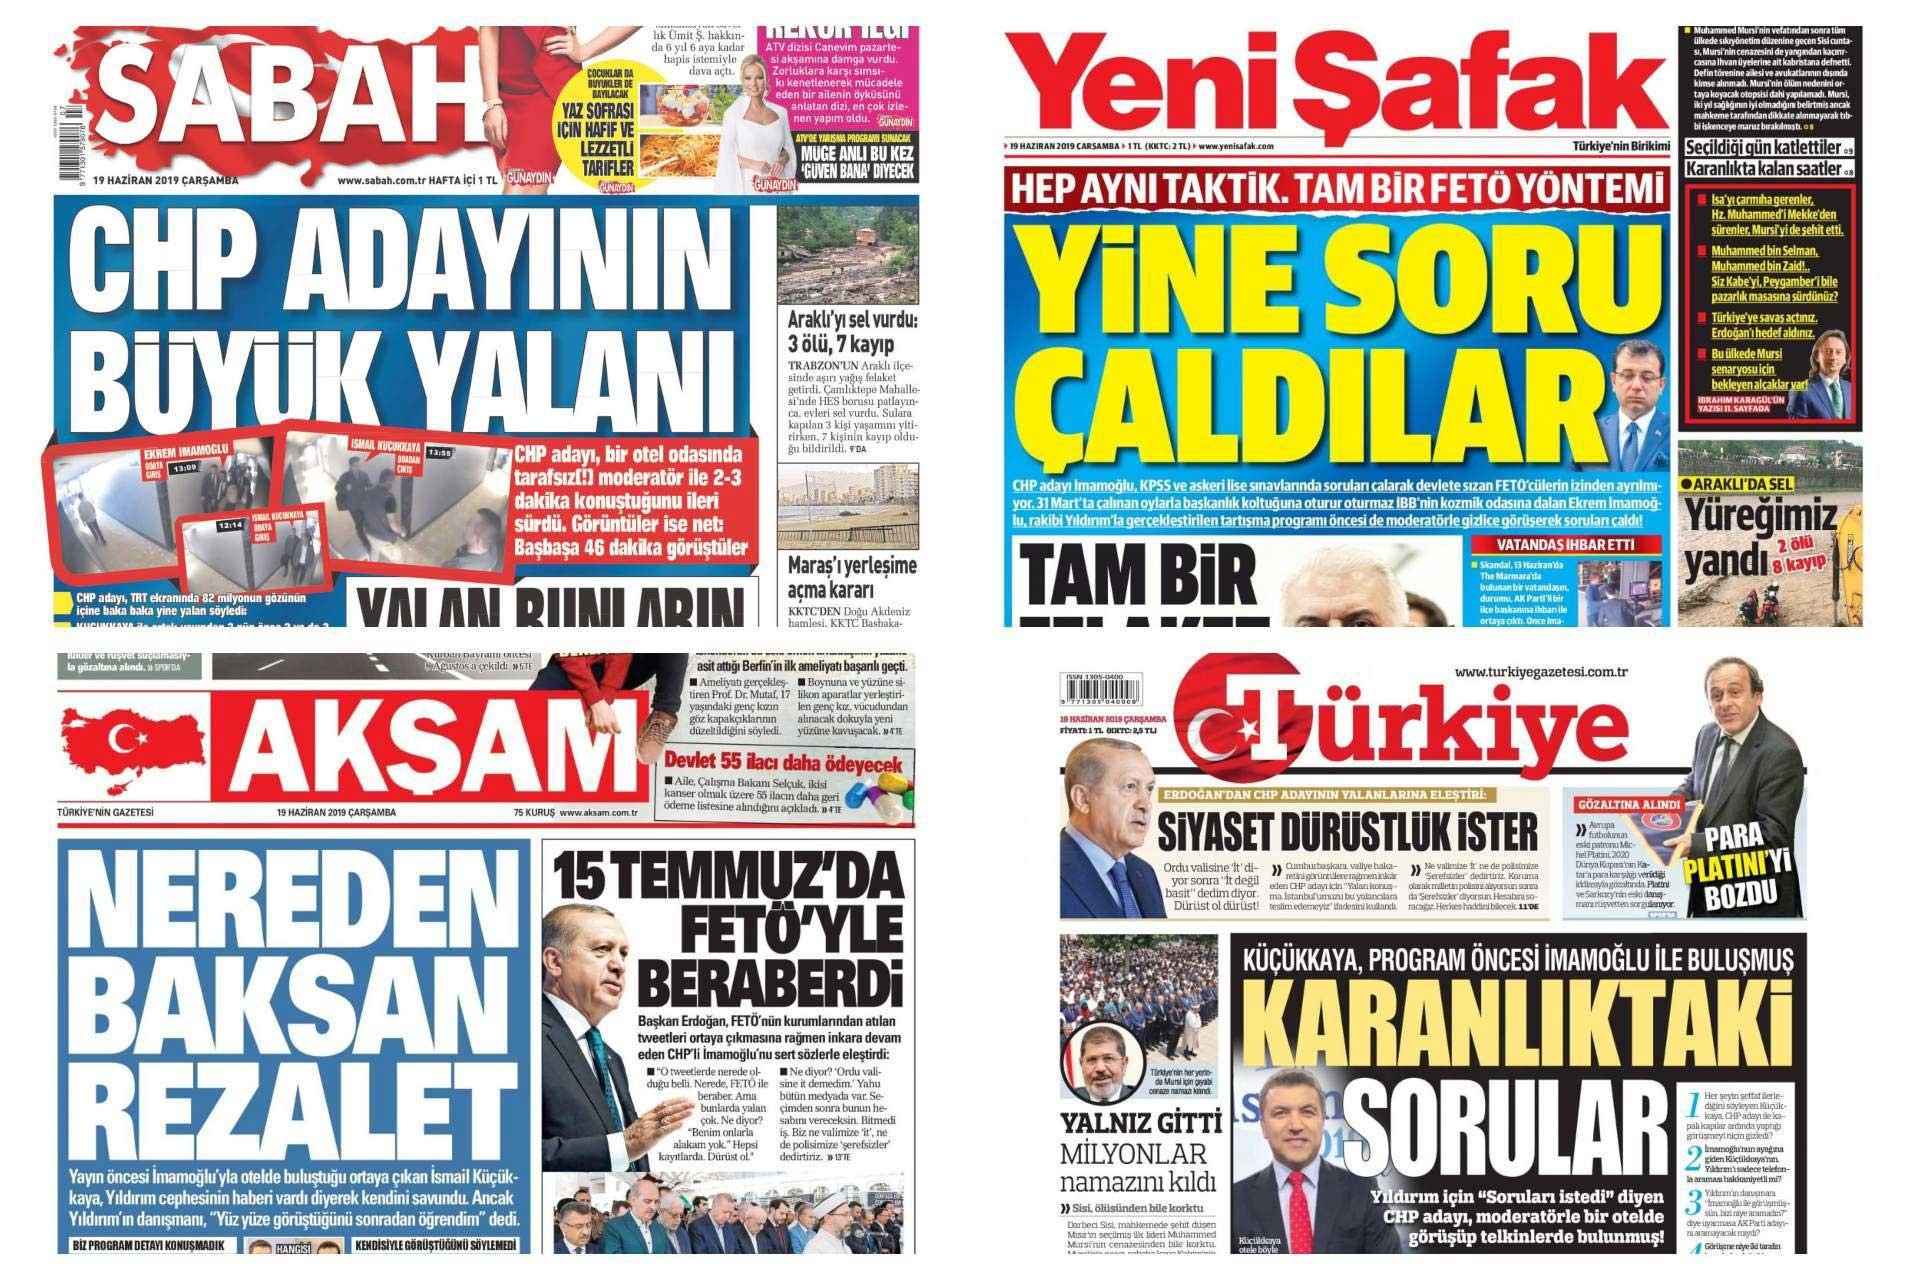 Genel Yayın Yönetmeni Tayyip Erdoğan | 'Yarın medyada' dediği haber manşetlerde